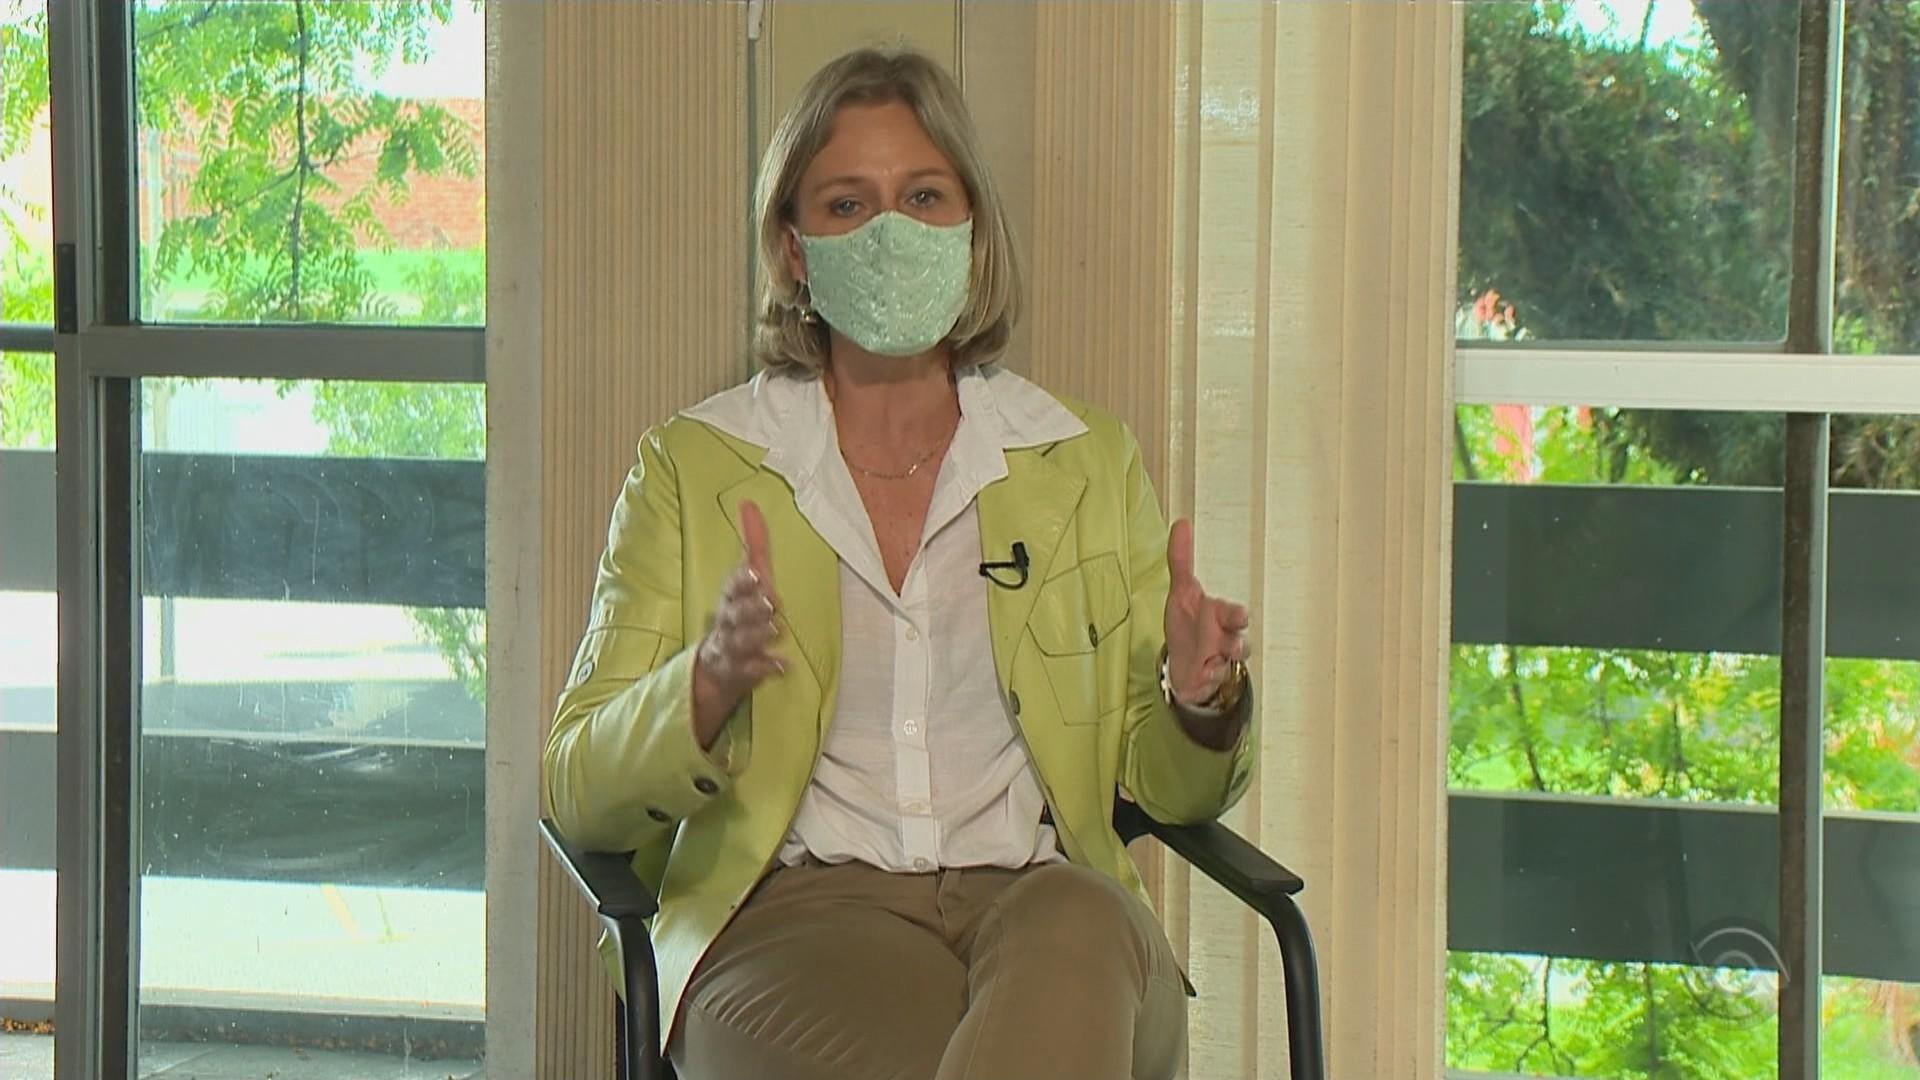 Prefeita reeleita Paula Mascarenhas fala sobre proposta de construir um novo hospital em Pelotas